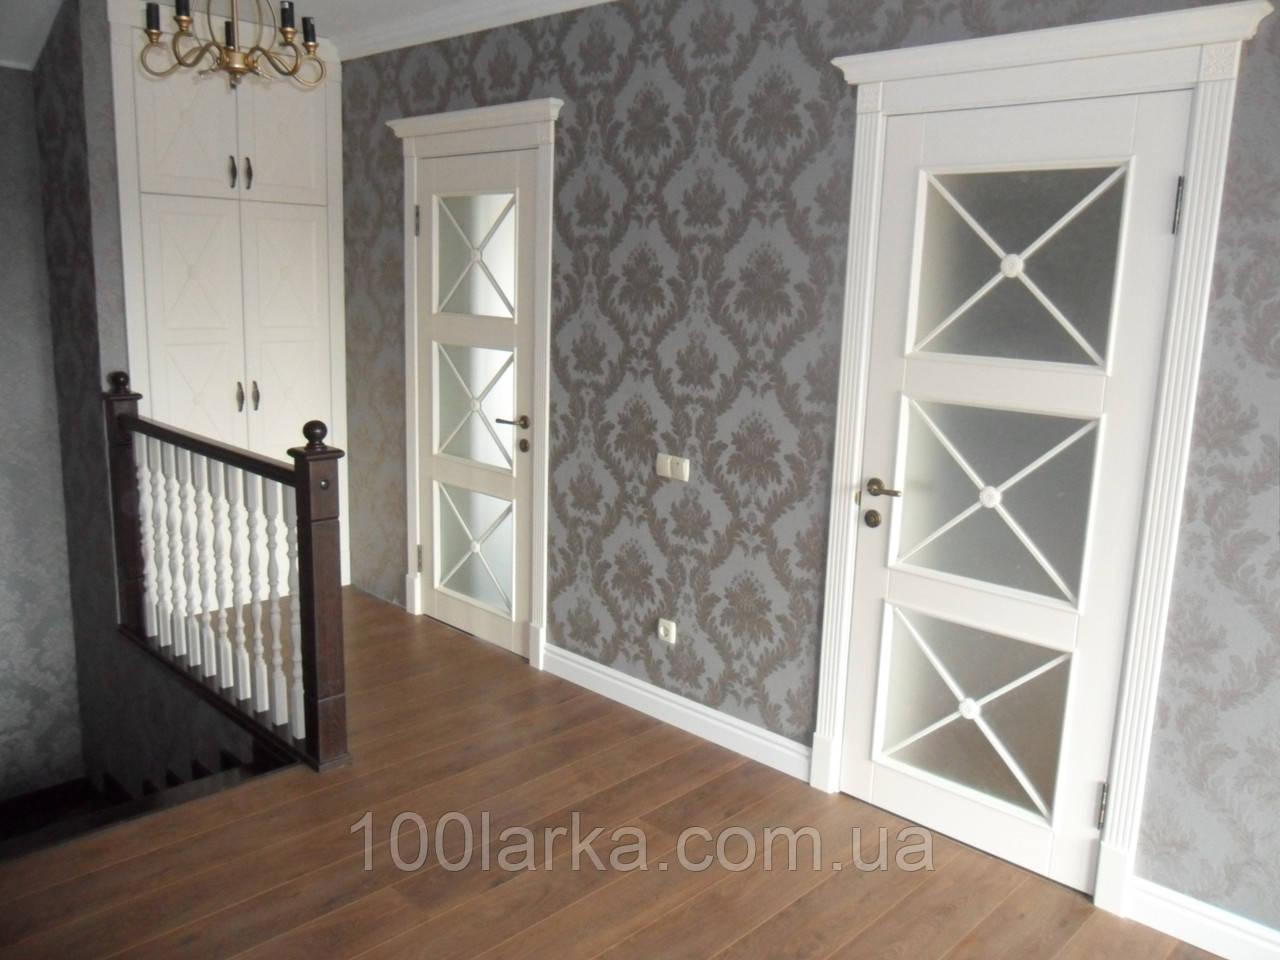 Міжкімнатні двері дерев'яні ясен